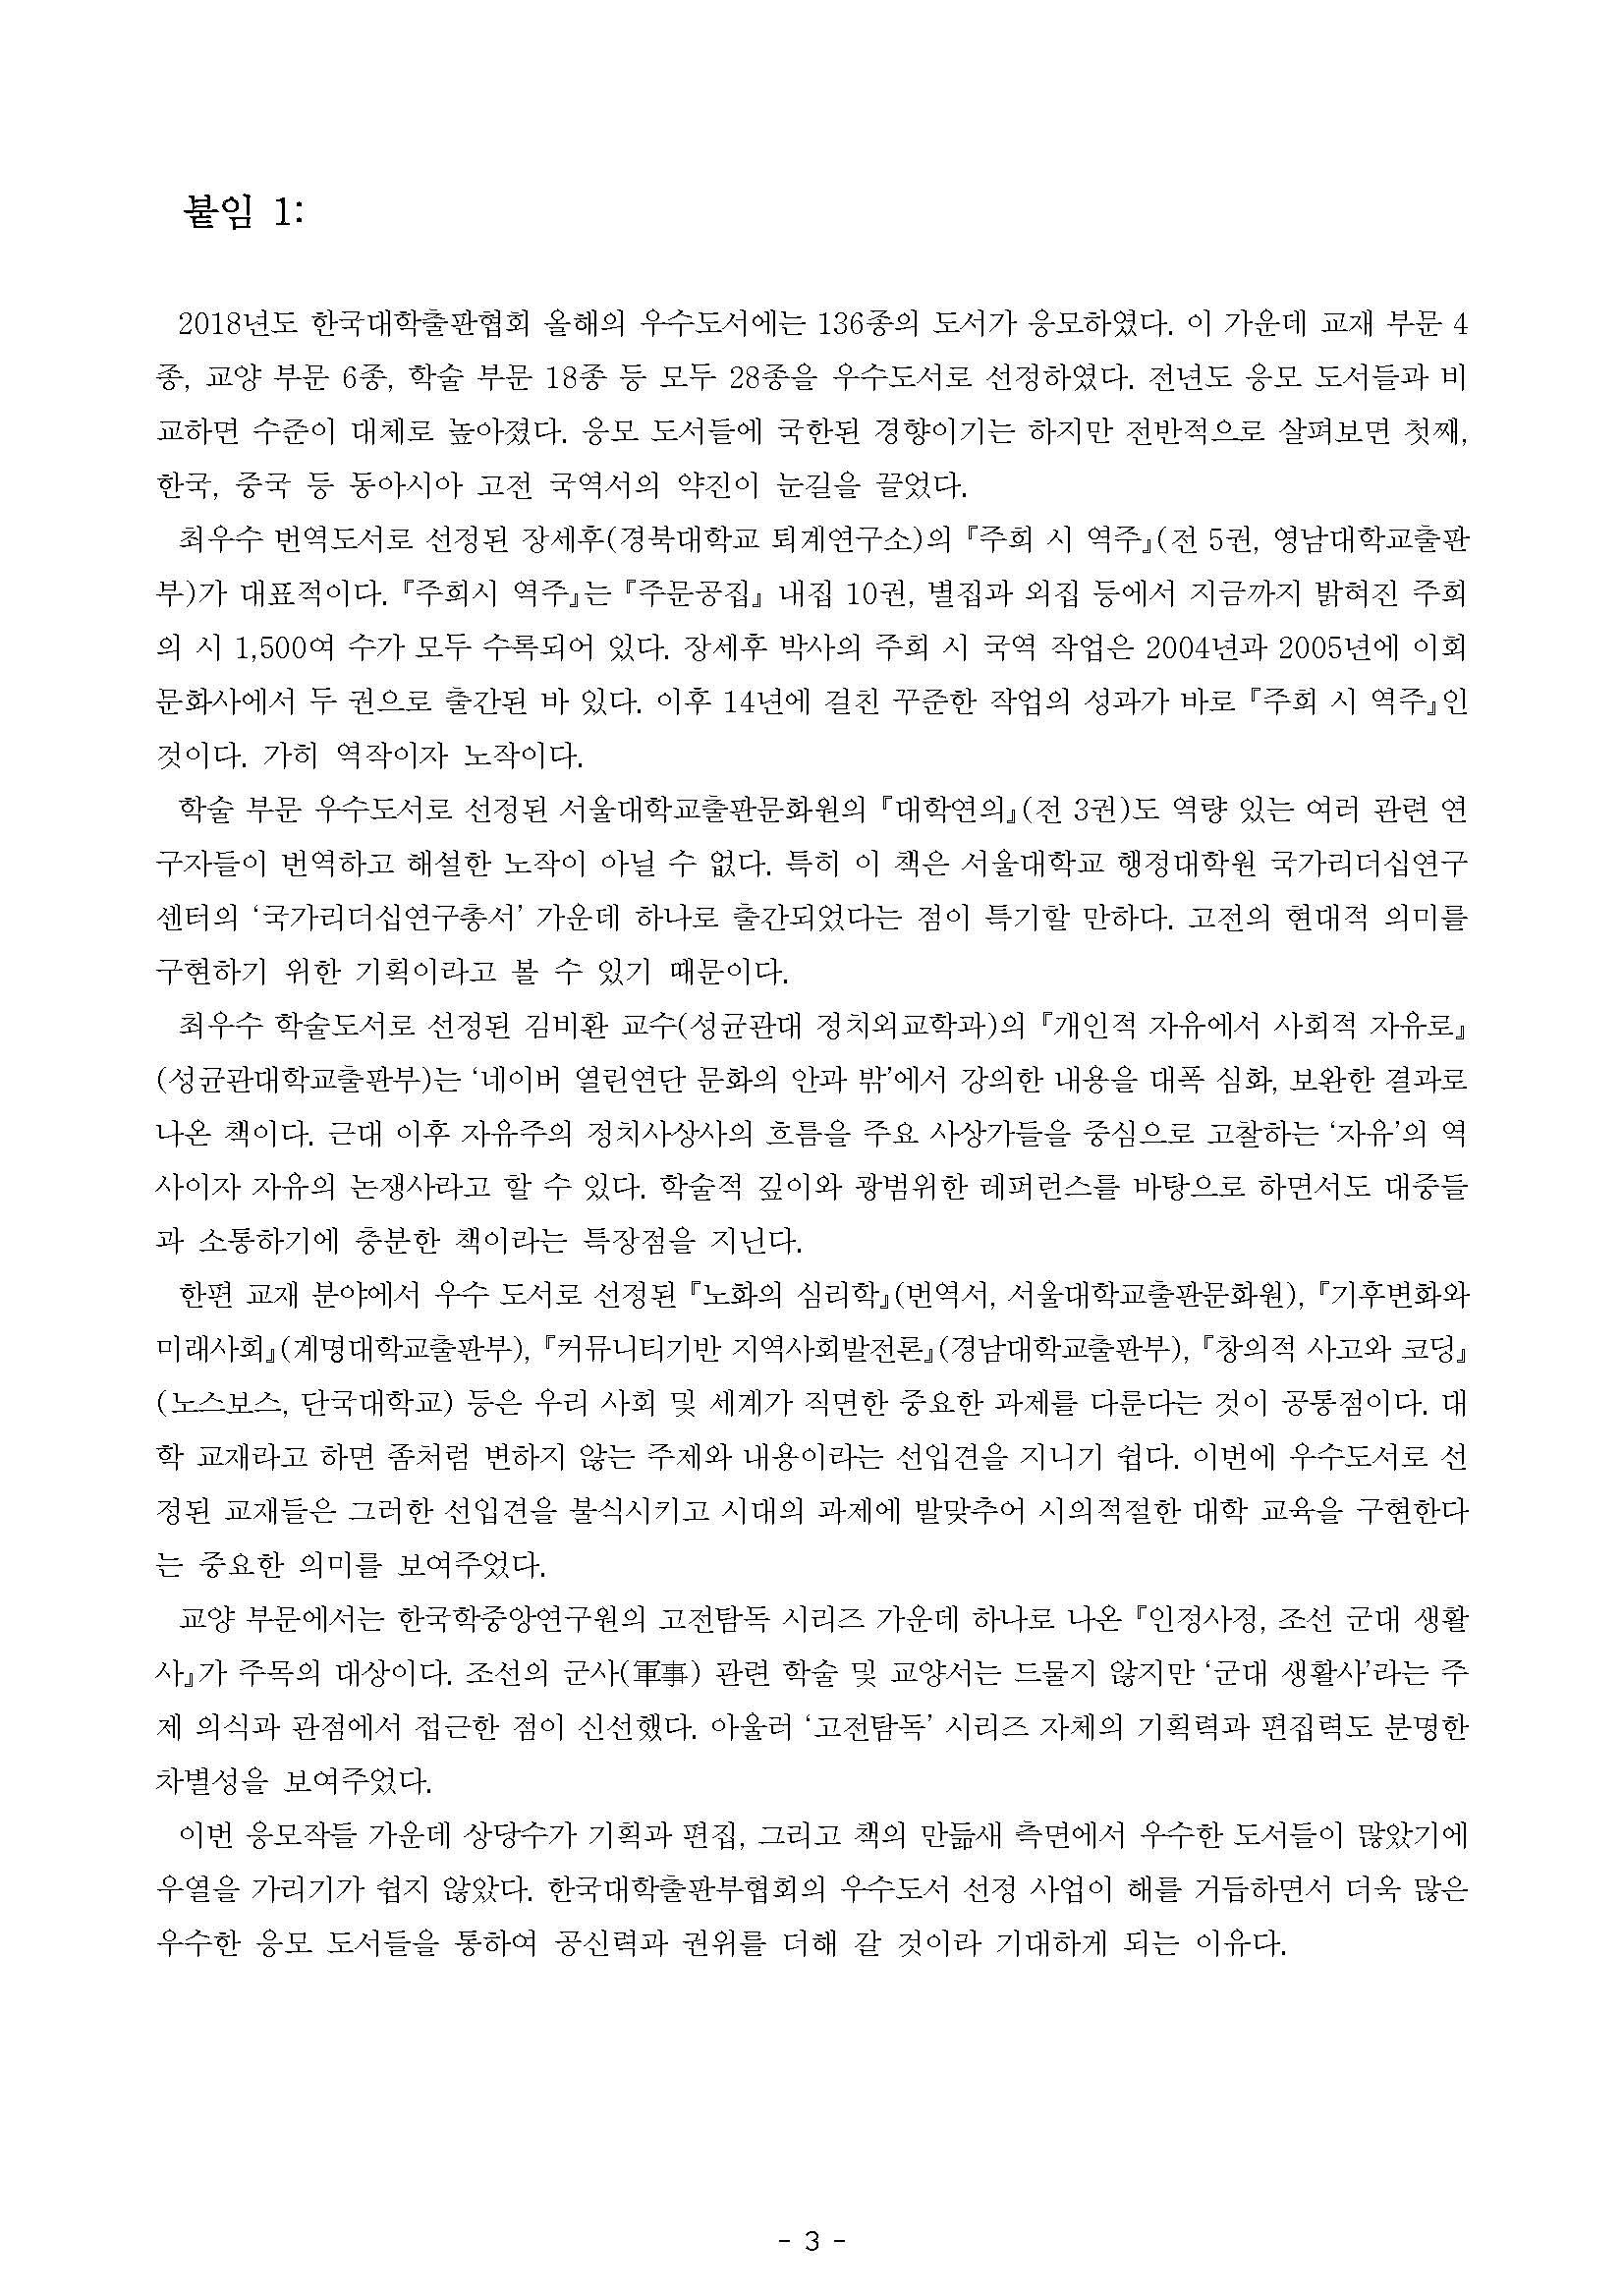 한국대학출판협회 보도자료-2018 올해의 우수도서 선정 결과-배포본_페이지_3.jpg